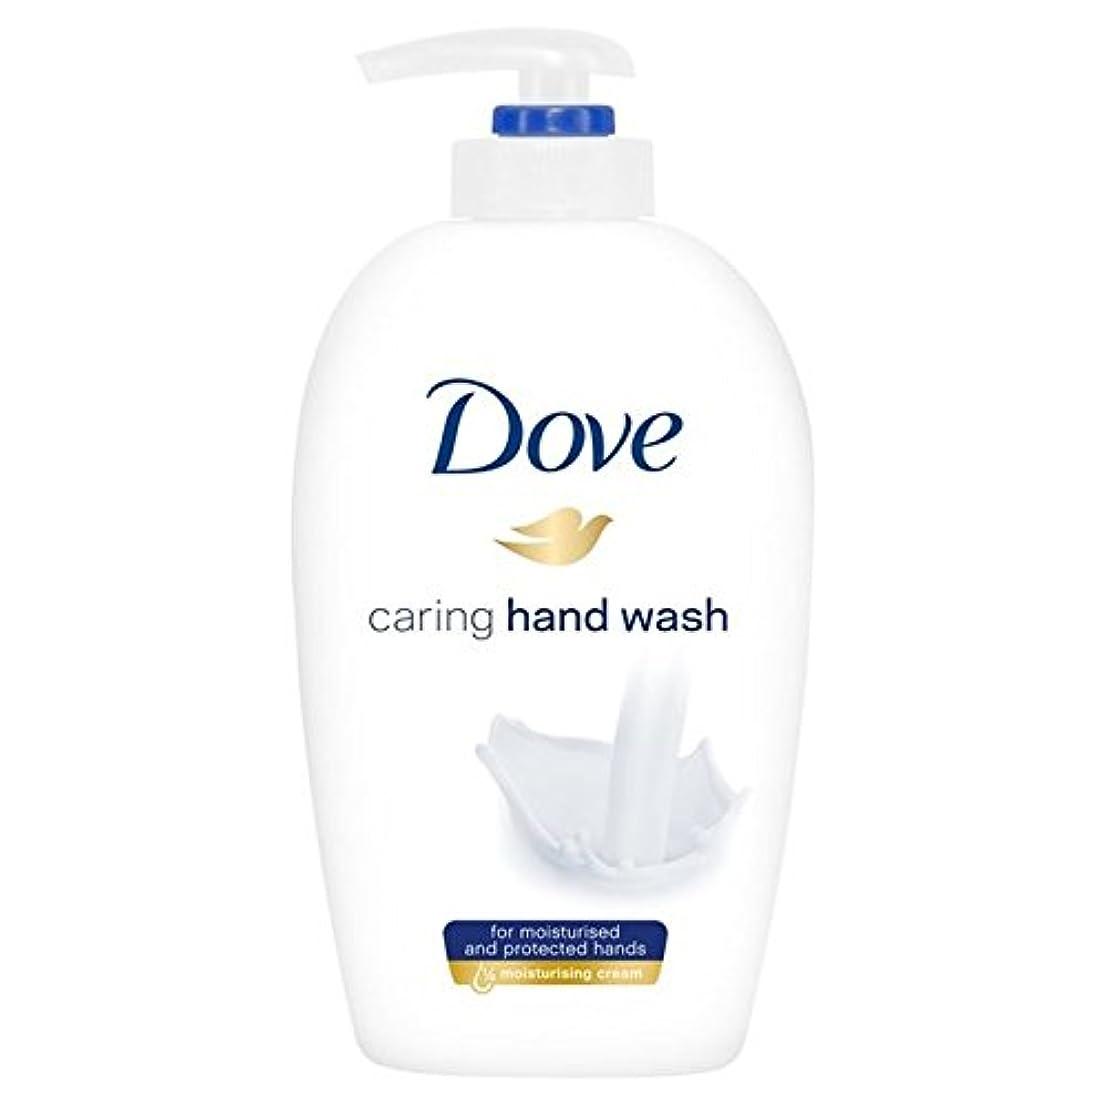 苦しむ外交官報告書Dove Caring Hand Wash 250ml (Pack of 6) - 鳩思いやり手洗い250ミリリットル x6 [並行輸入品]